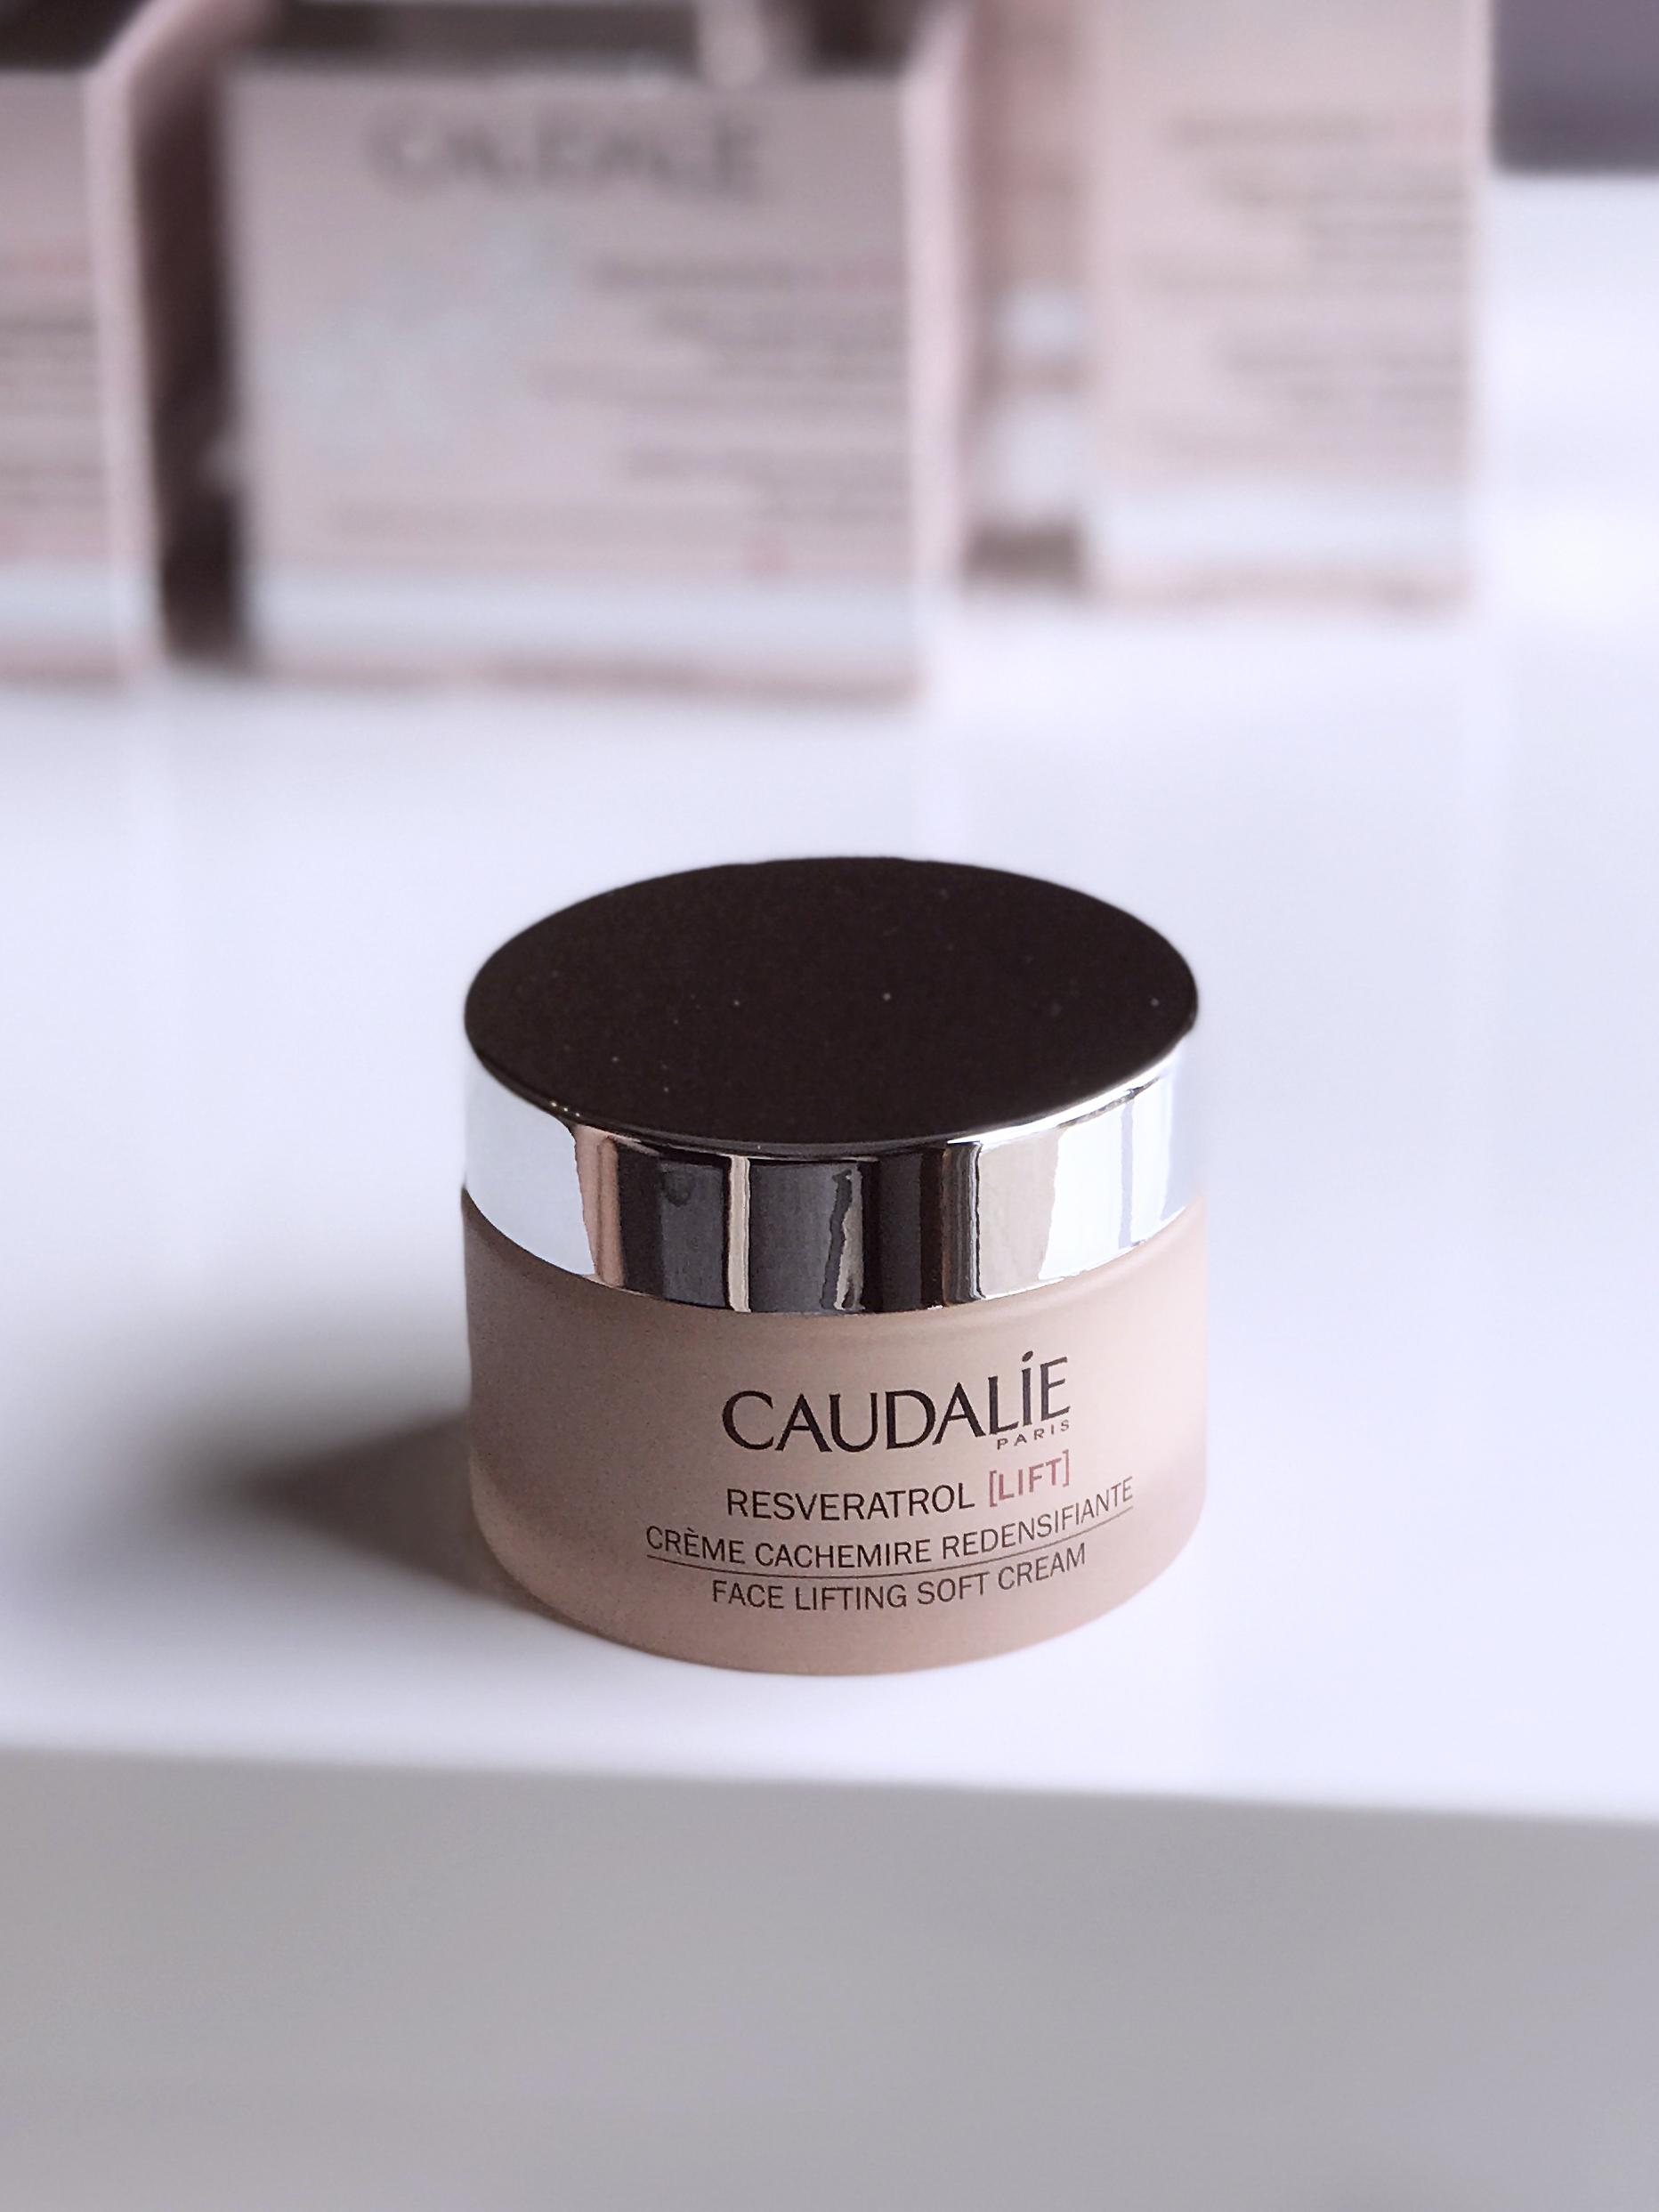 Caudalie Face Lifting Soft Cream